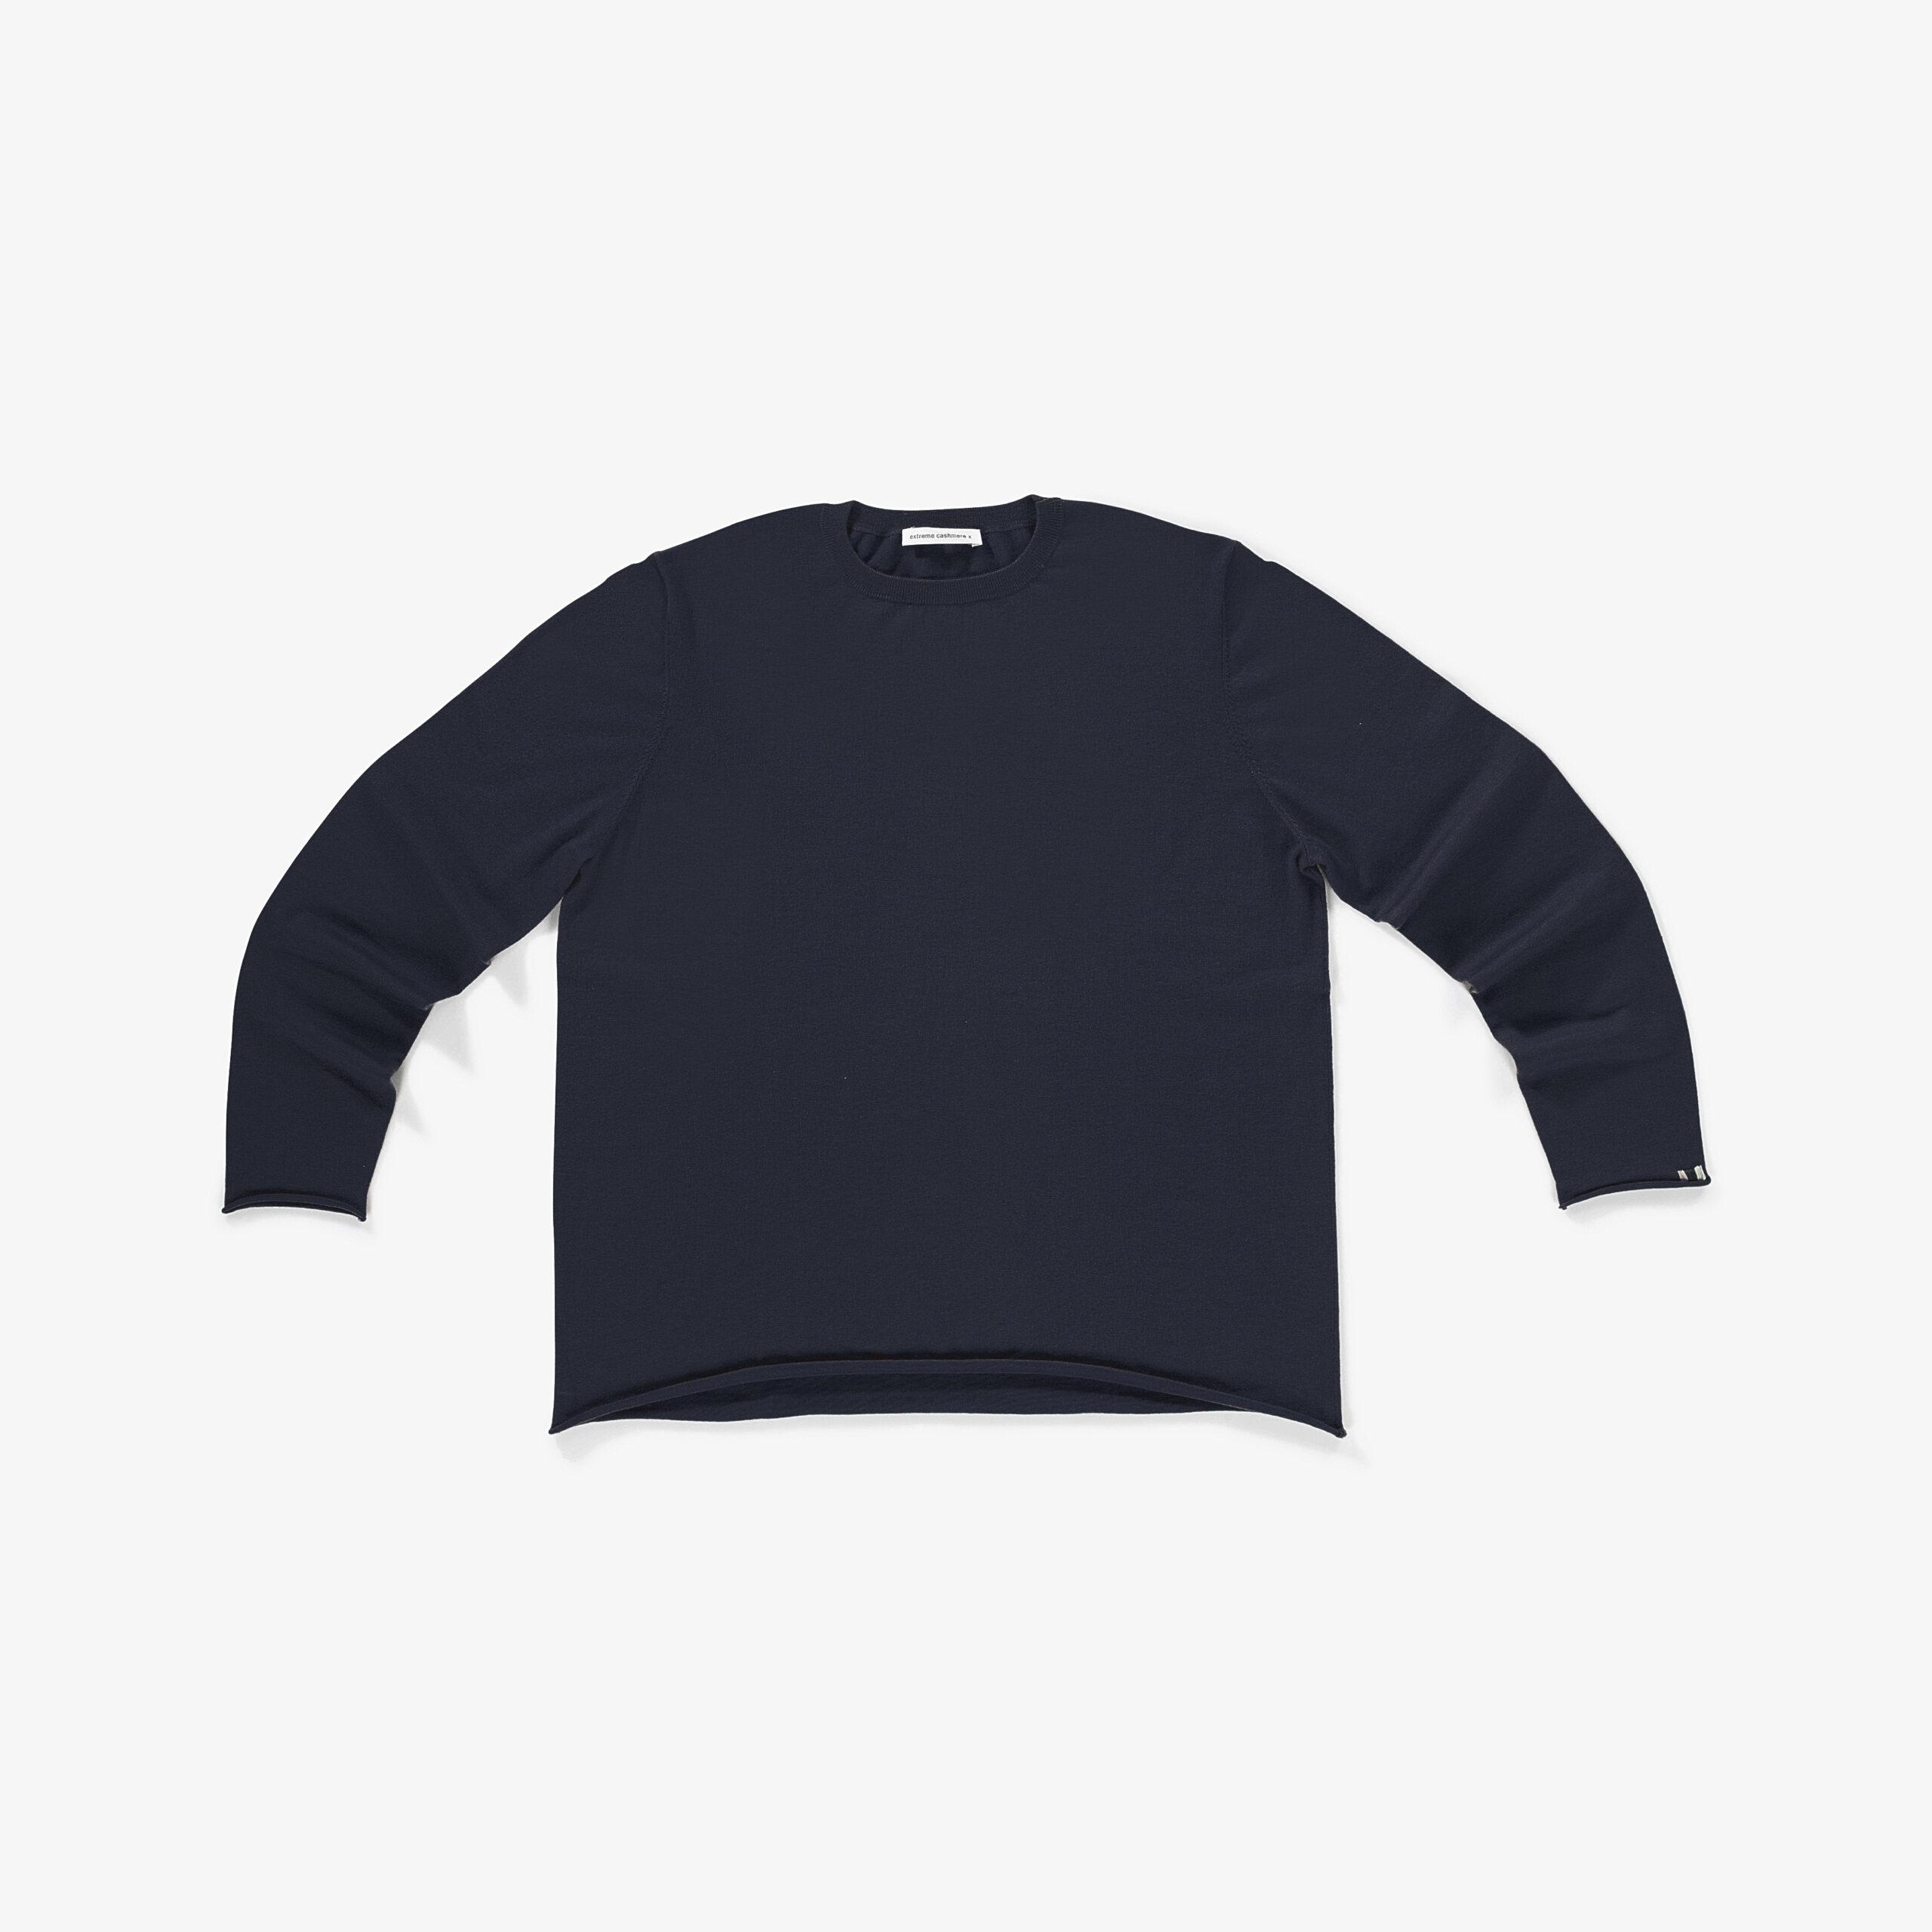 Pullover, Hein, Extreme Cashmere, Jumper, Navy